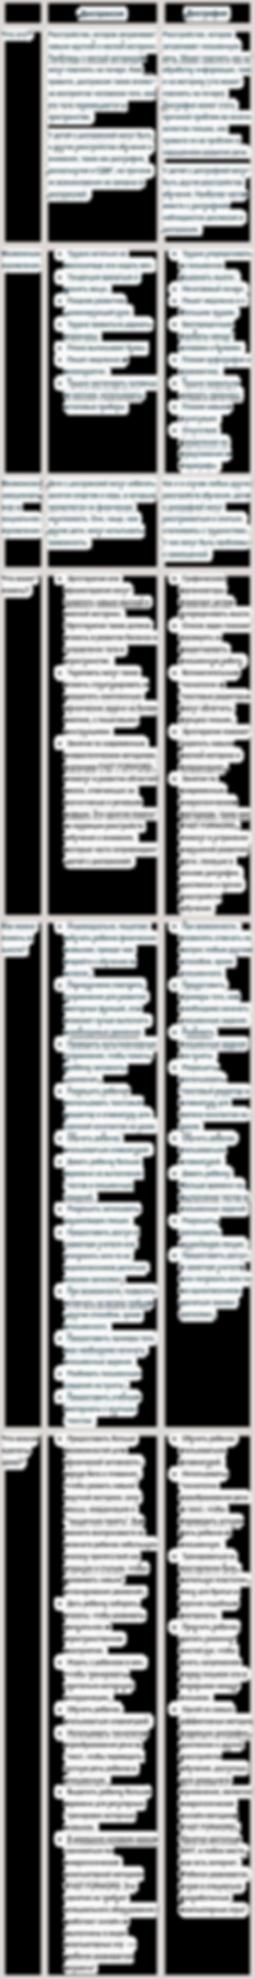 В чем разница между диспраксией и дисграфией.jpg